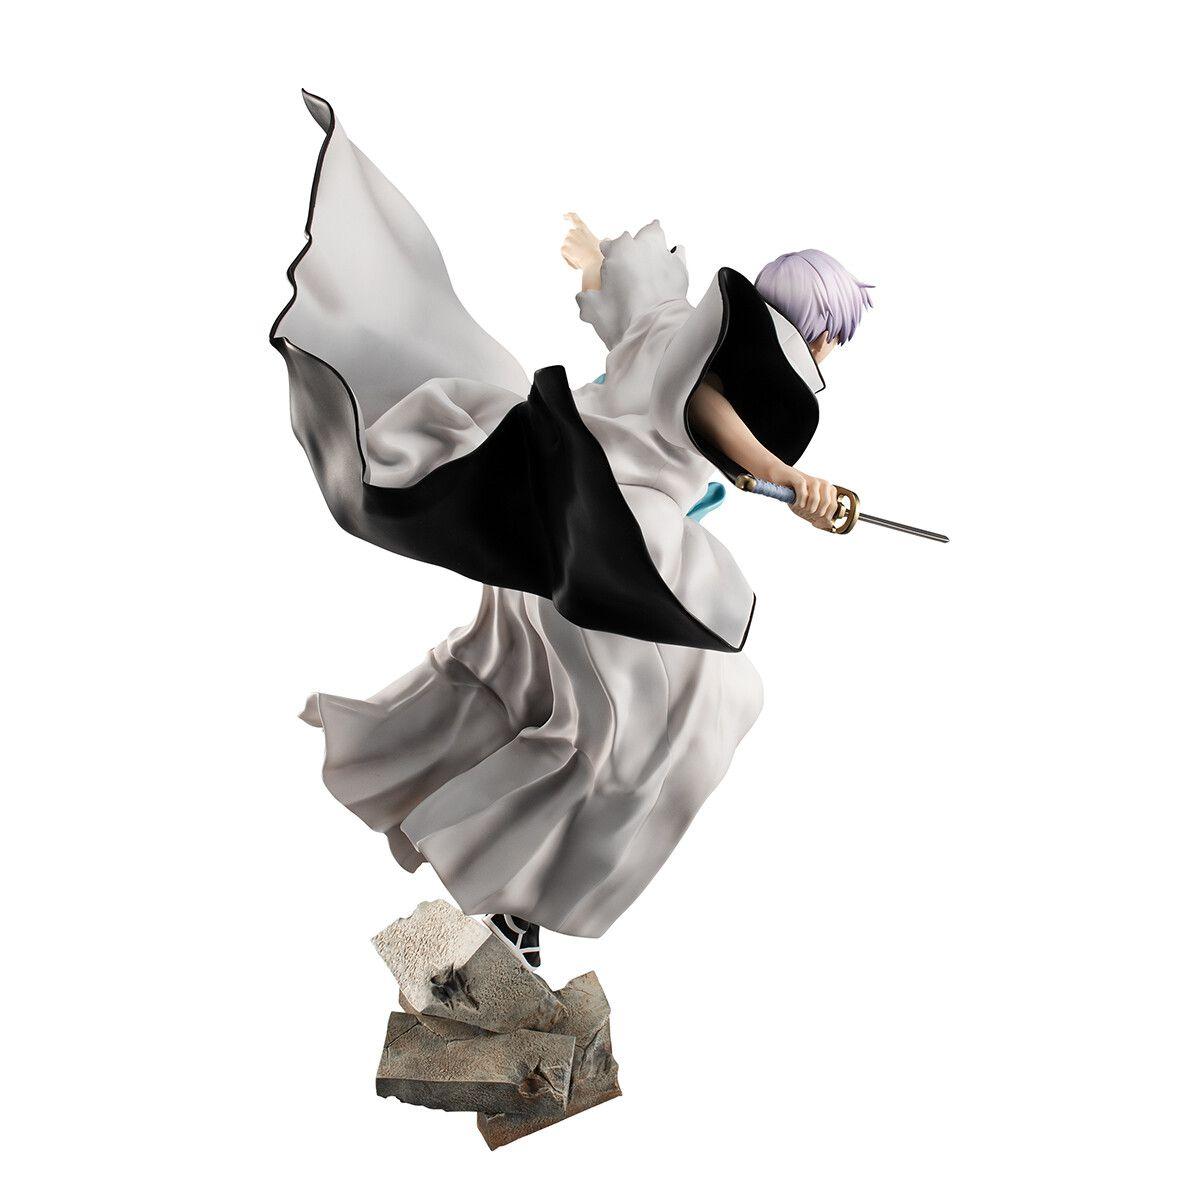 Ichimaru_3 - Figura semanal - (3-16-5-2021) - Hanami Dango